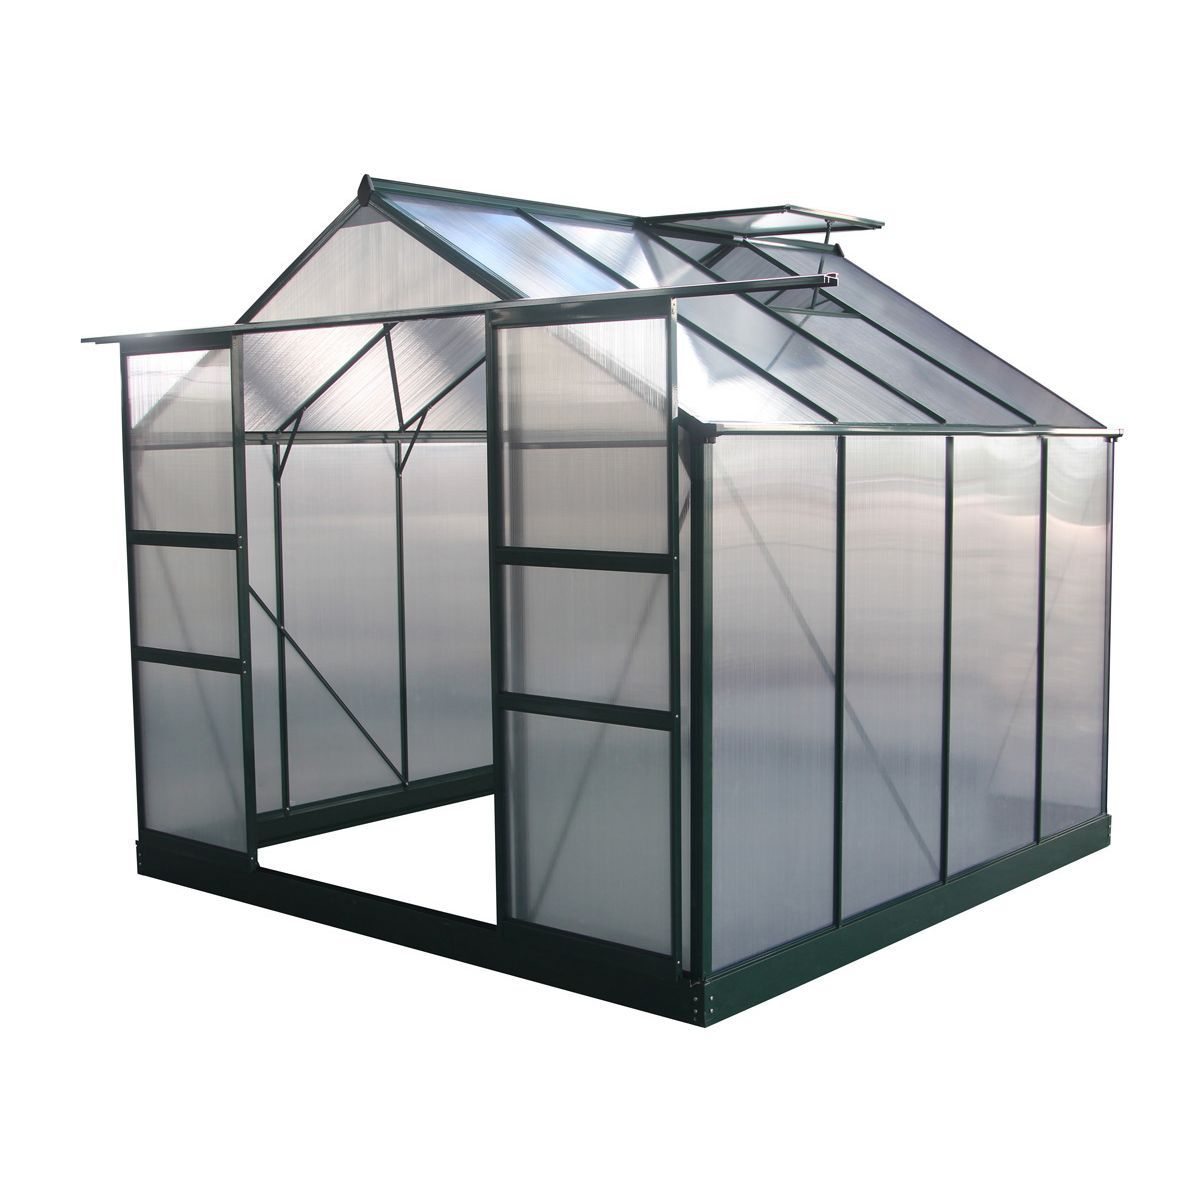 """Serre Jardin Polycarbonate """"dahlia"""" Vert Sapin 6,15 M² ... concernant Serre De Jardin Auchan"""